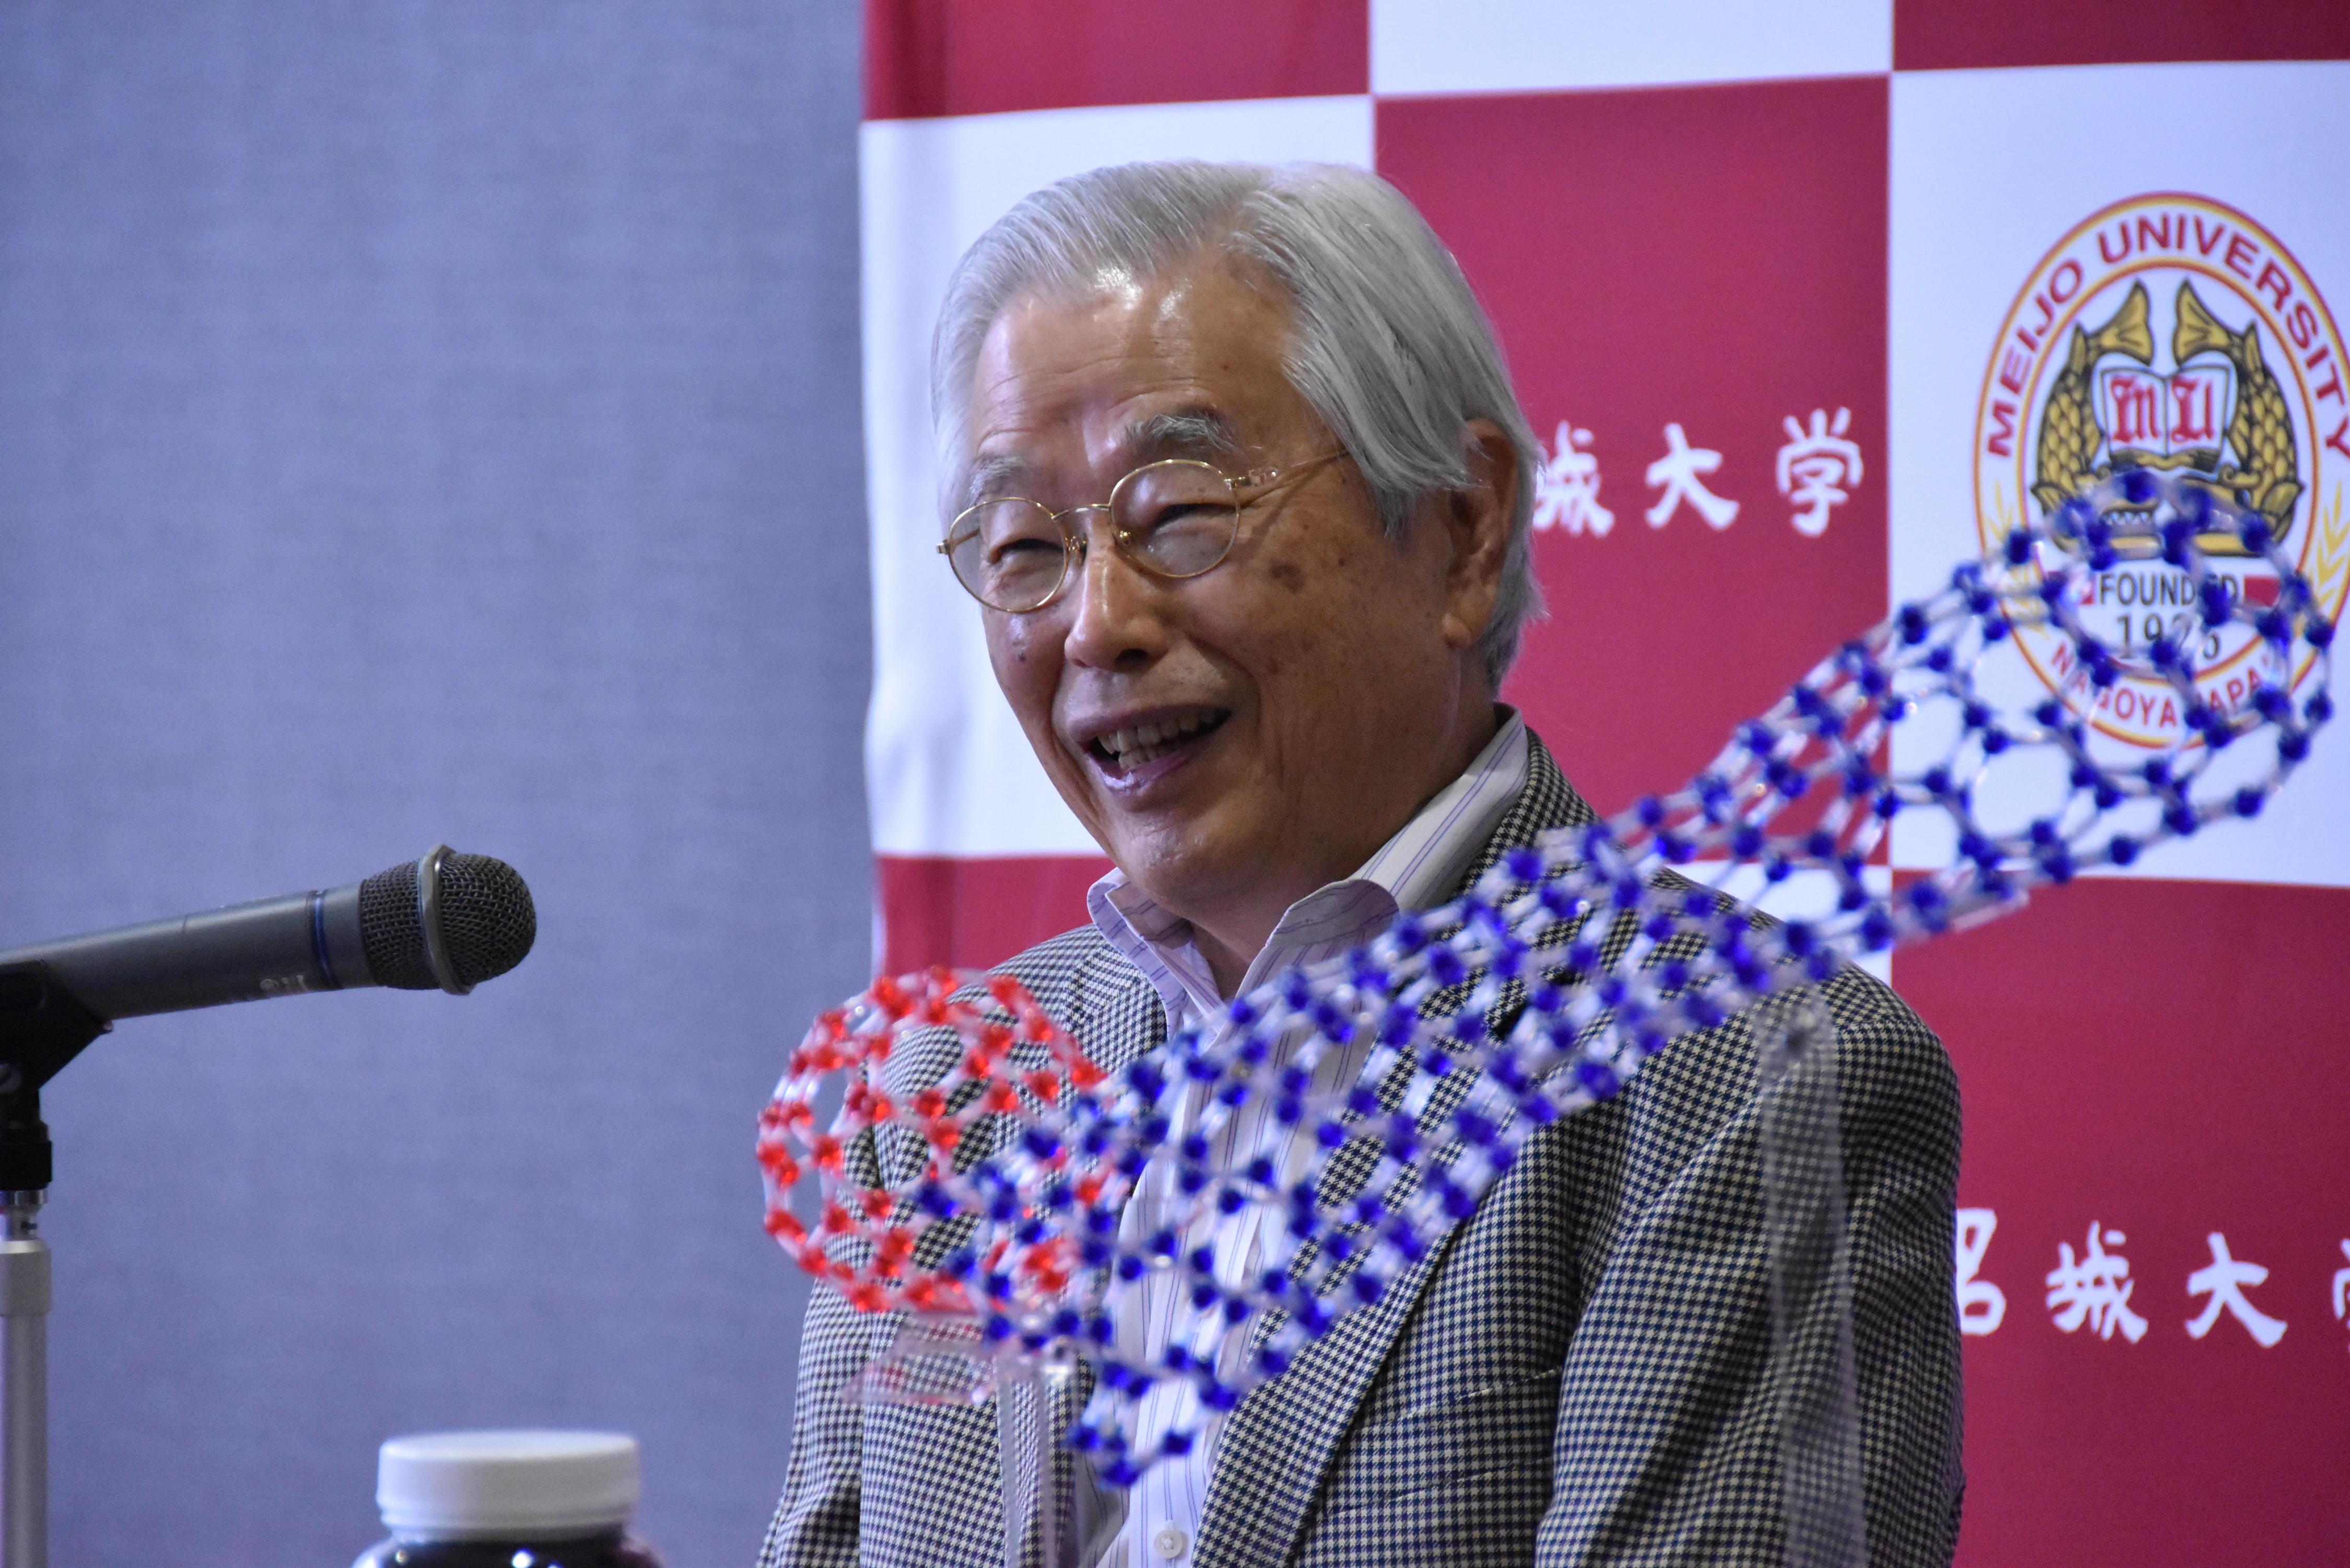 質問に答える飯島終身教授。手前右はカーボンナノチューブの模型